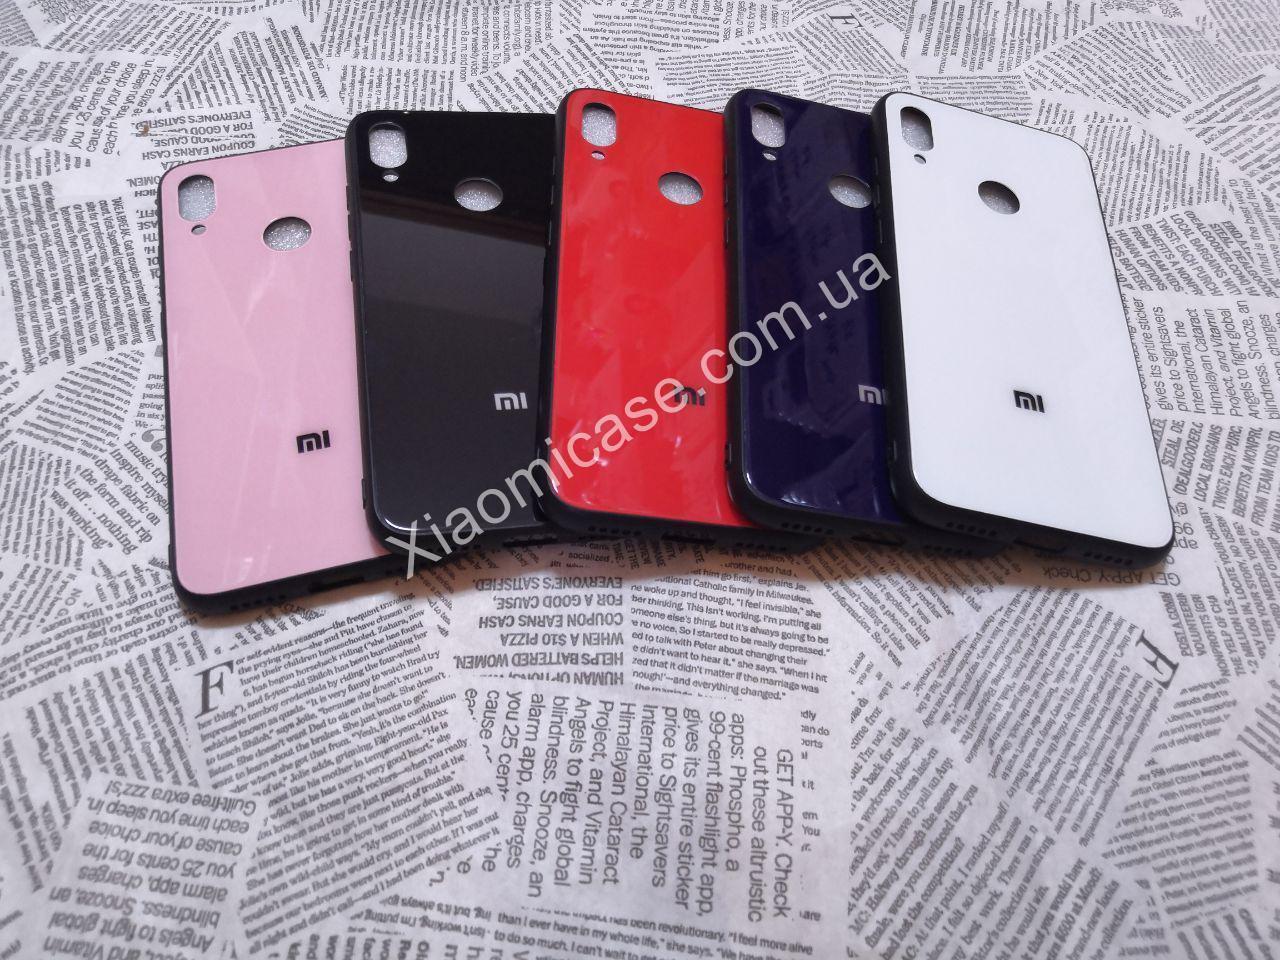 Чехол Стекло Бренд (обод силиконовый) для Xiaomi (Ксиоми) Redmi 7